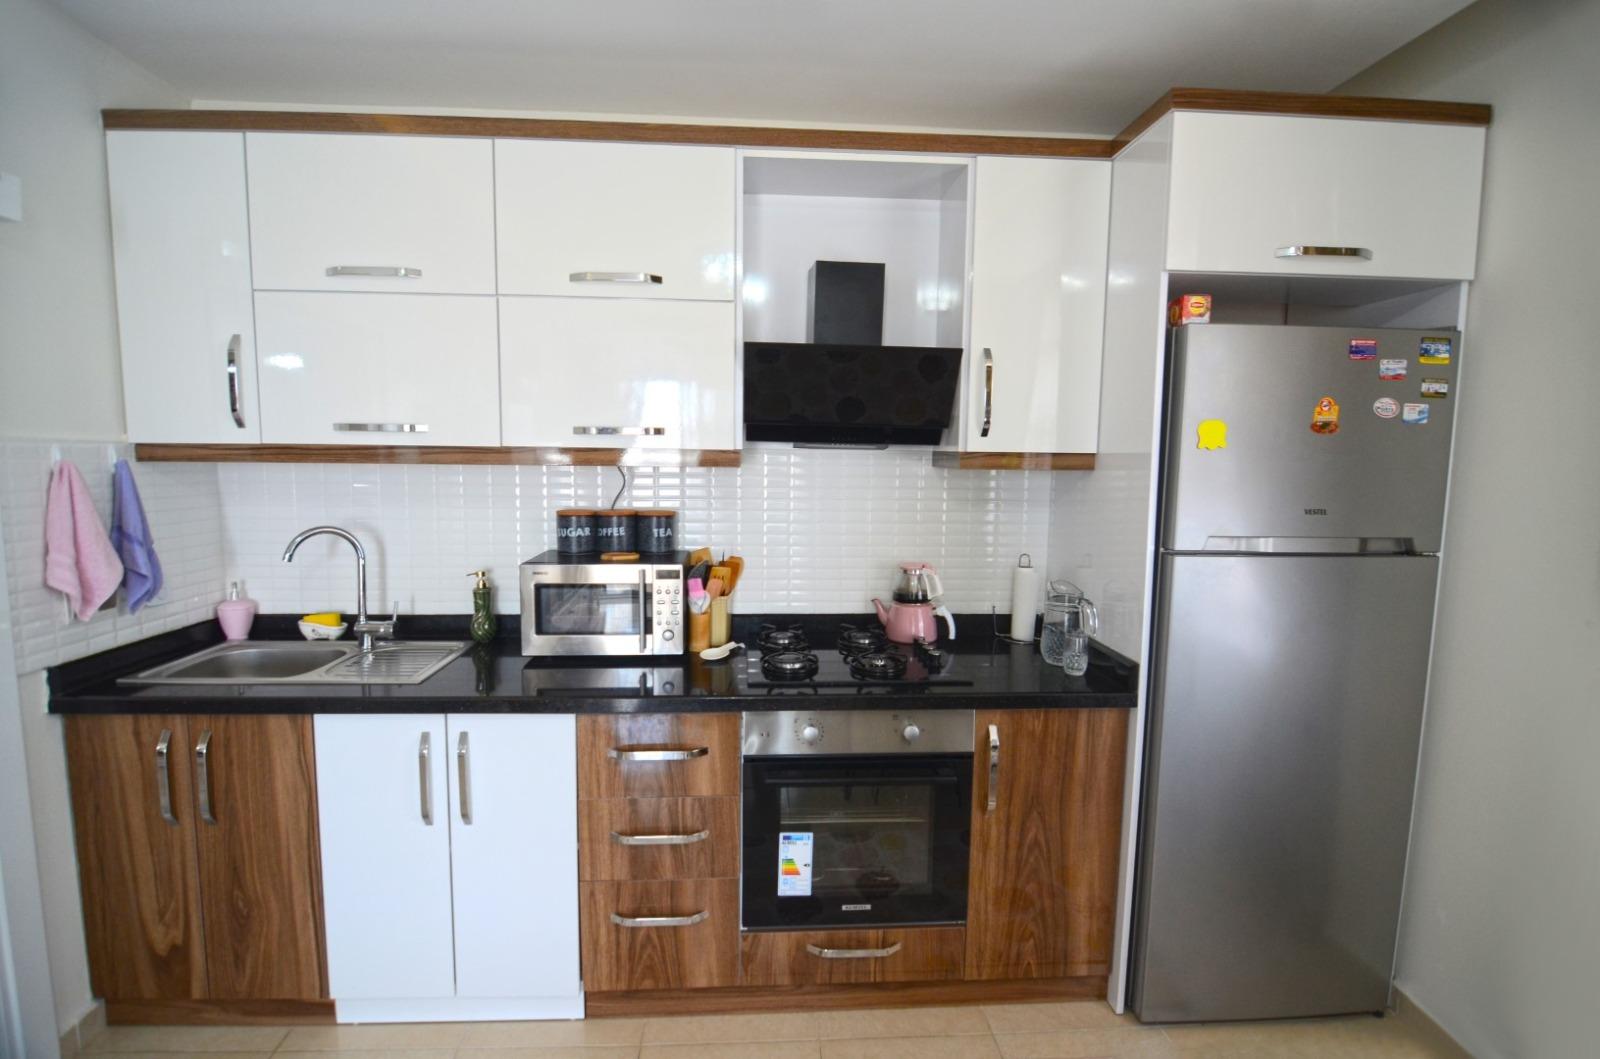 Меблированные апартаменты 1+1 в  Махмутлара - Фото 4